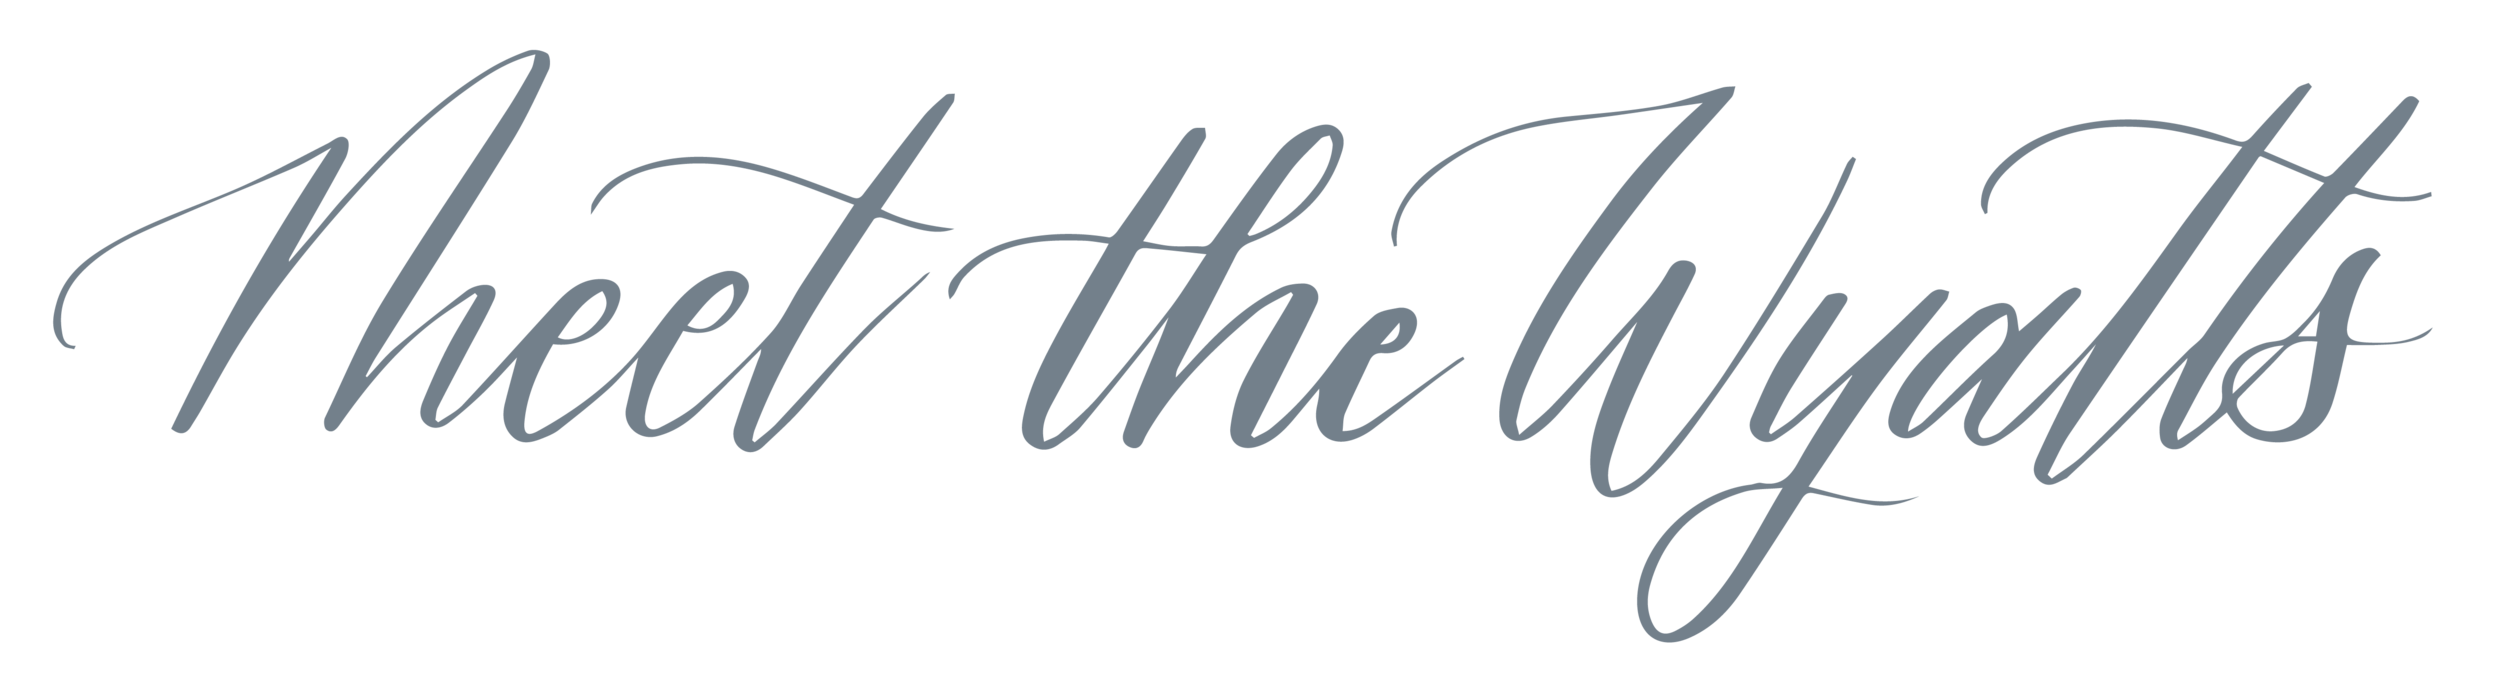 website-headers-meet-the-wyatts-01.png